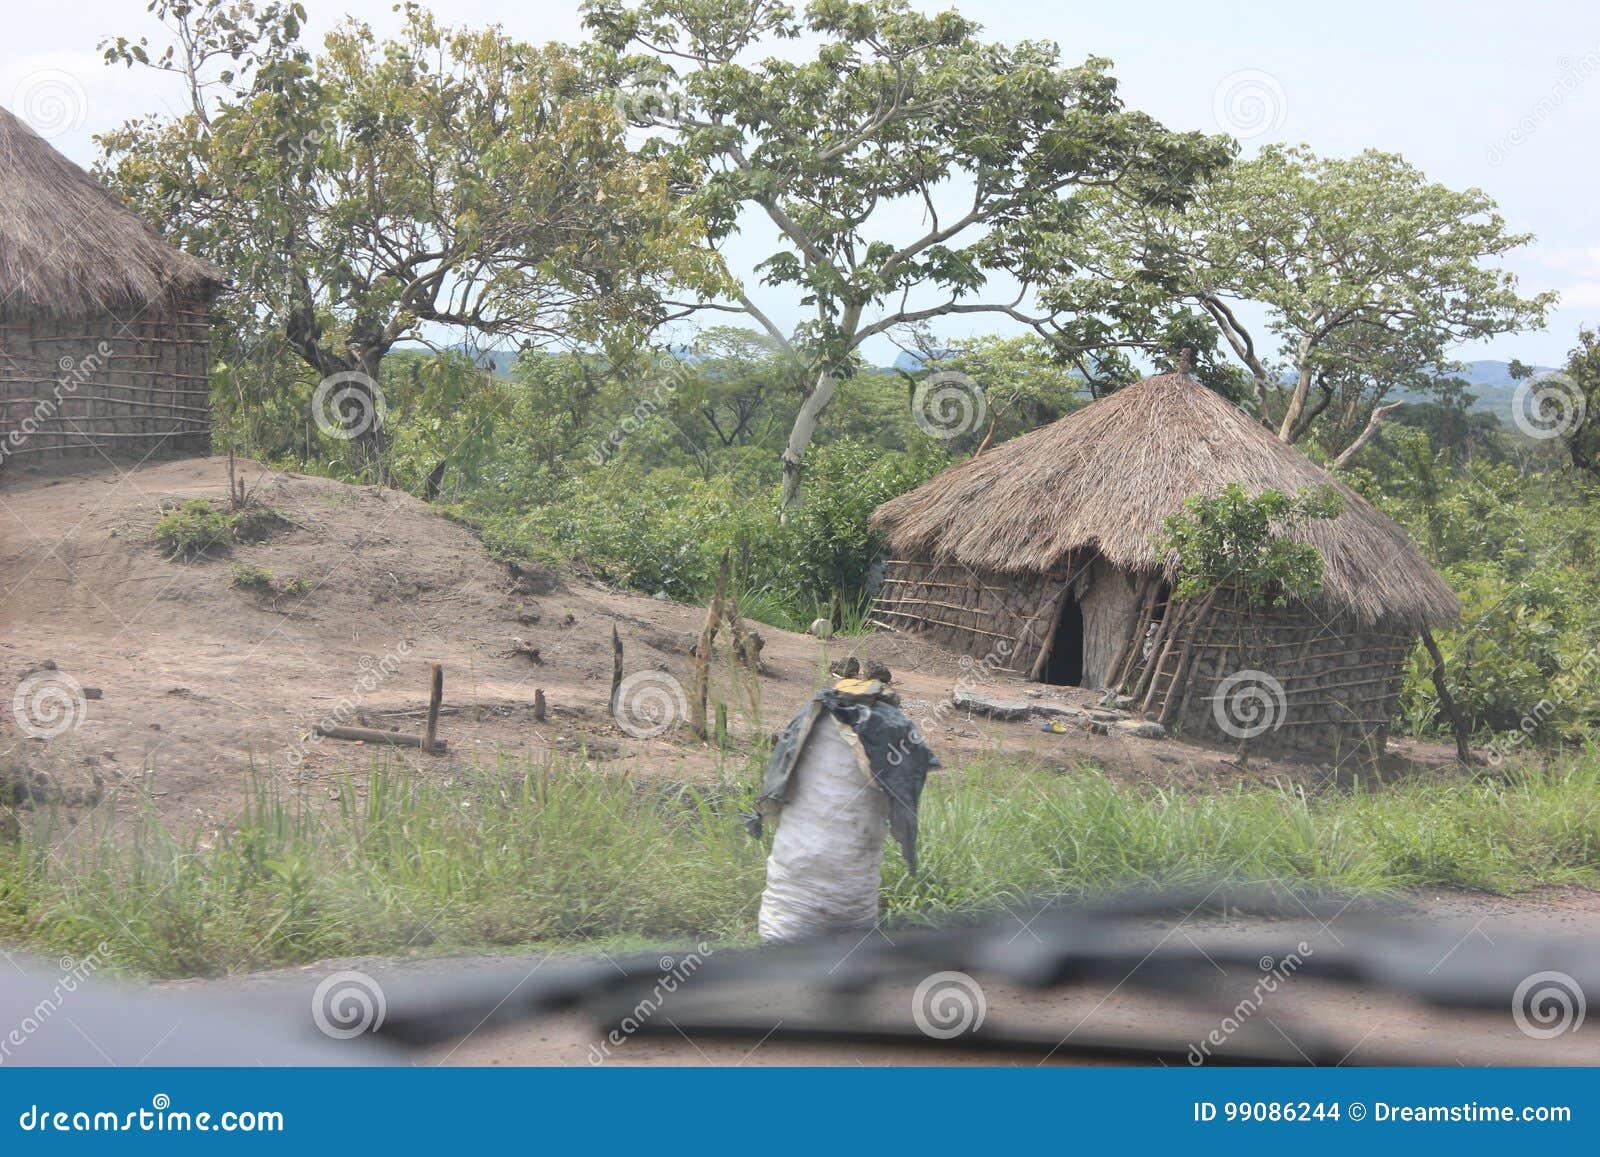 La mayoría del problema grave en África, según participantes de la encuesta, es pobreza Es seguido por el VIH/AYUDA, desempleo, i